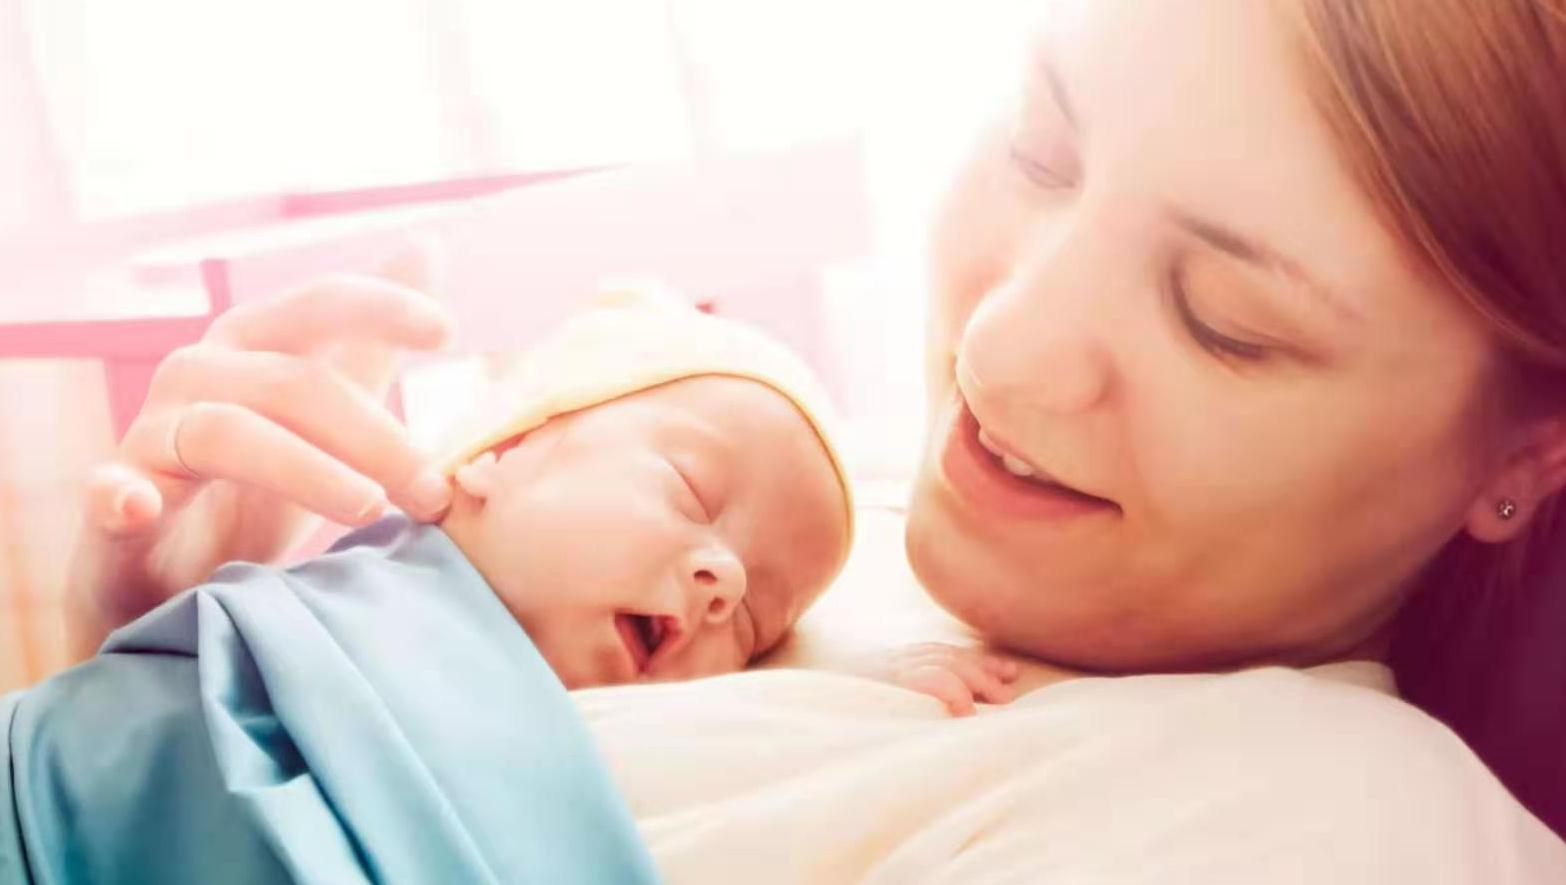 纯母乳喂养的宝妈要注意,以下两个错误喂养方式会让宝宝越吃越瘦